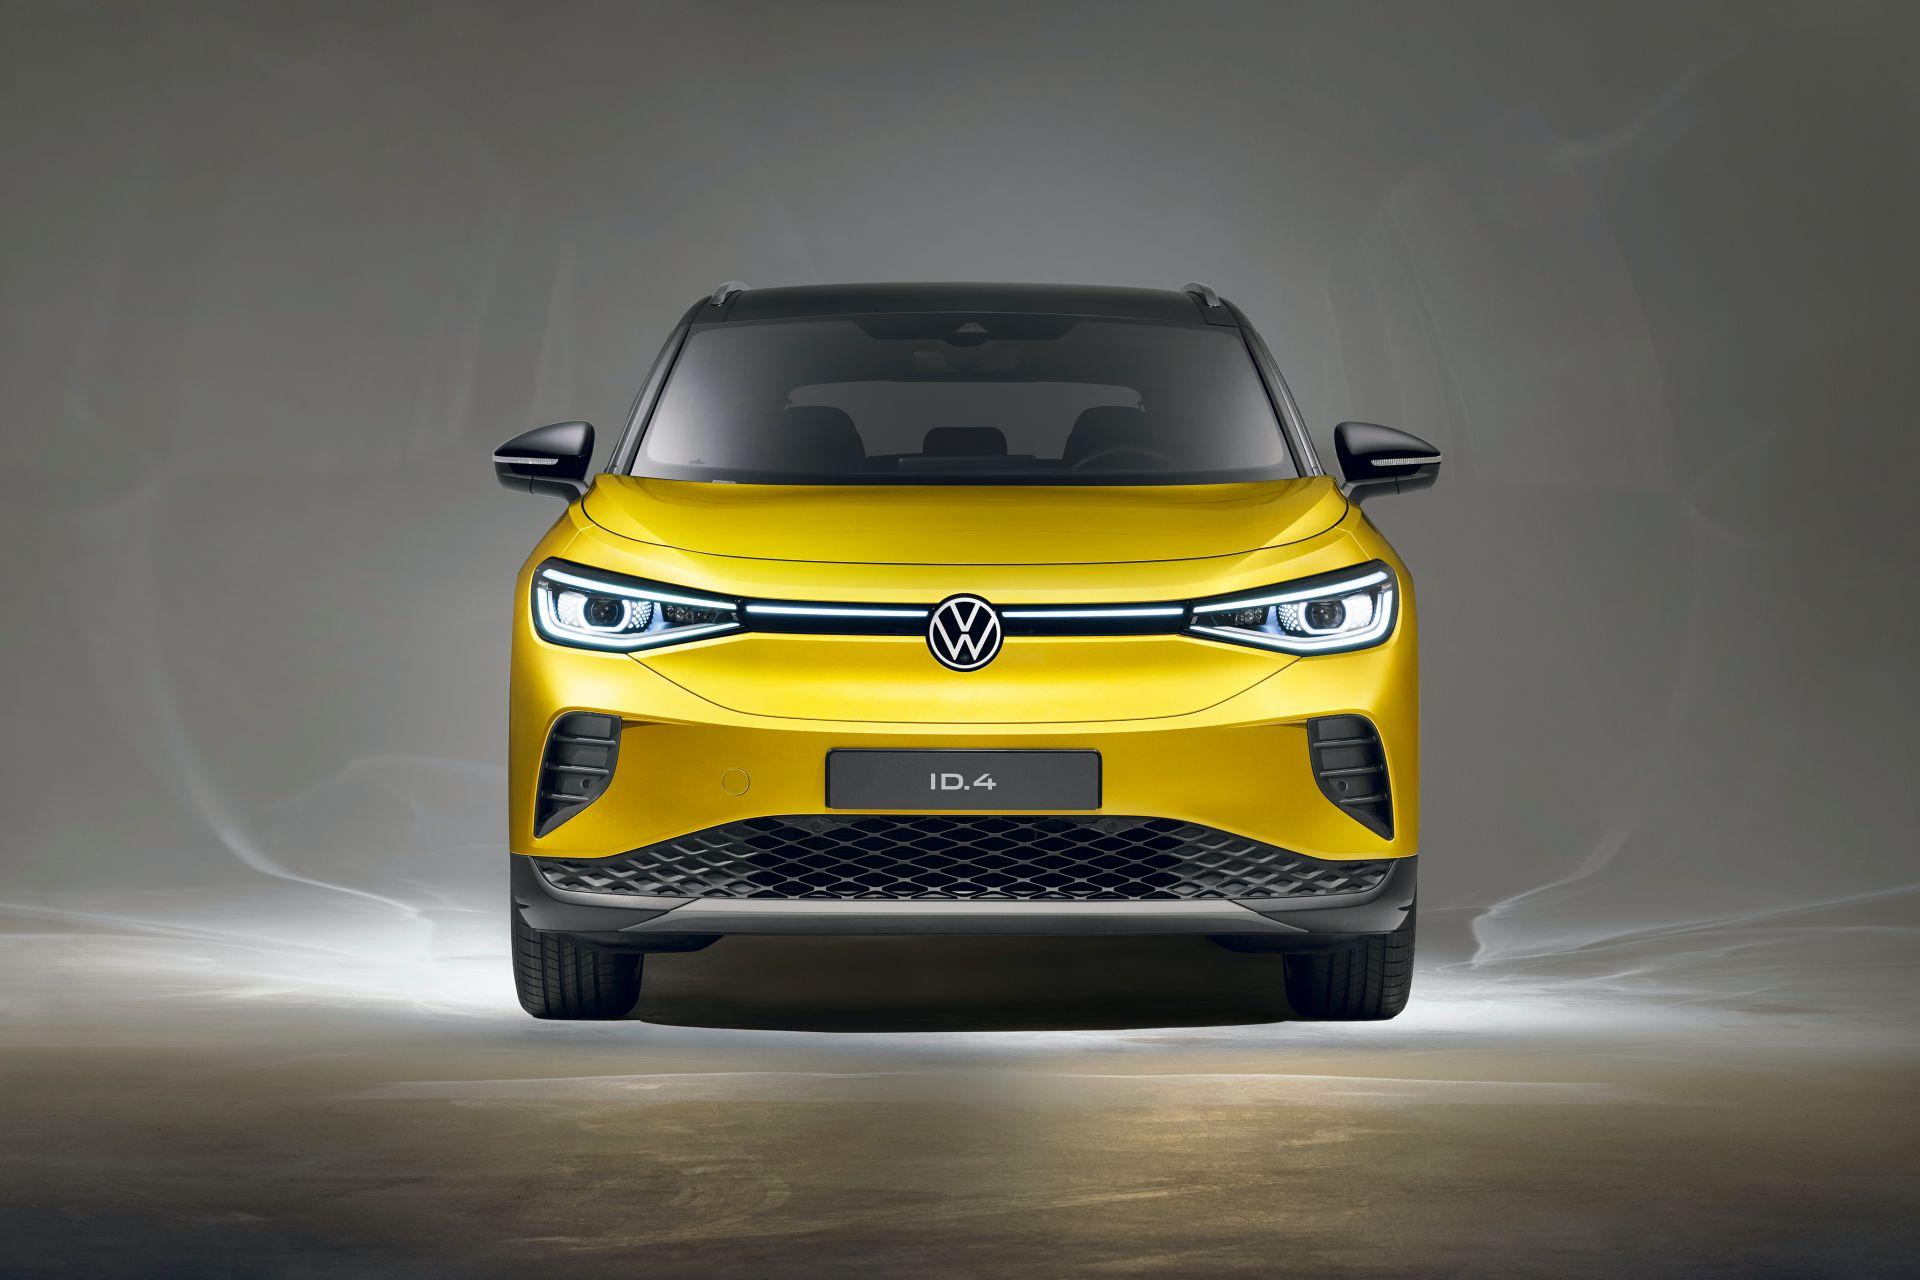 фары, бампер Volkswagen ID.4 2021